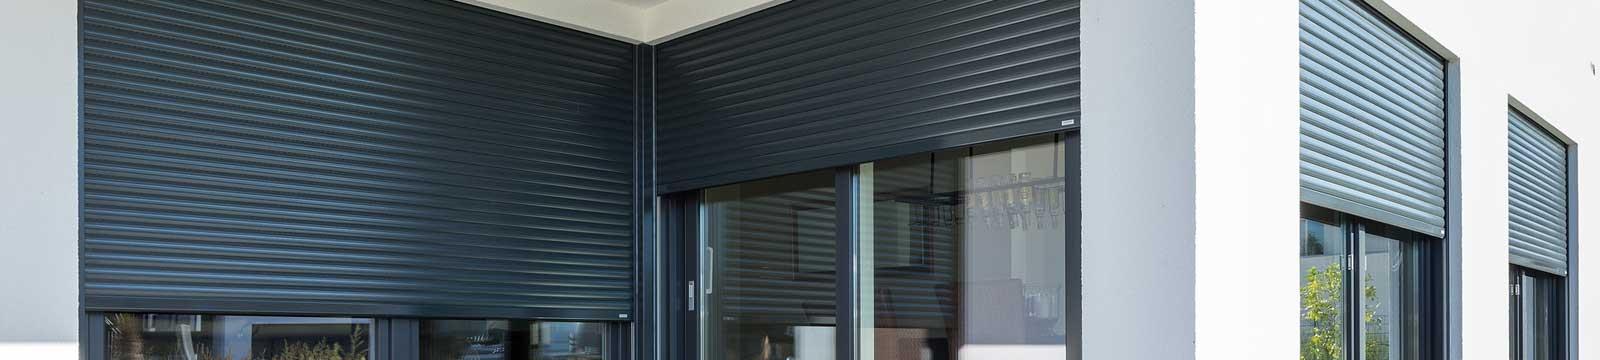 rolladen t mler peil gmbh markisen roll den. Black Bedroom Furniture Sets. Home Design Ideas